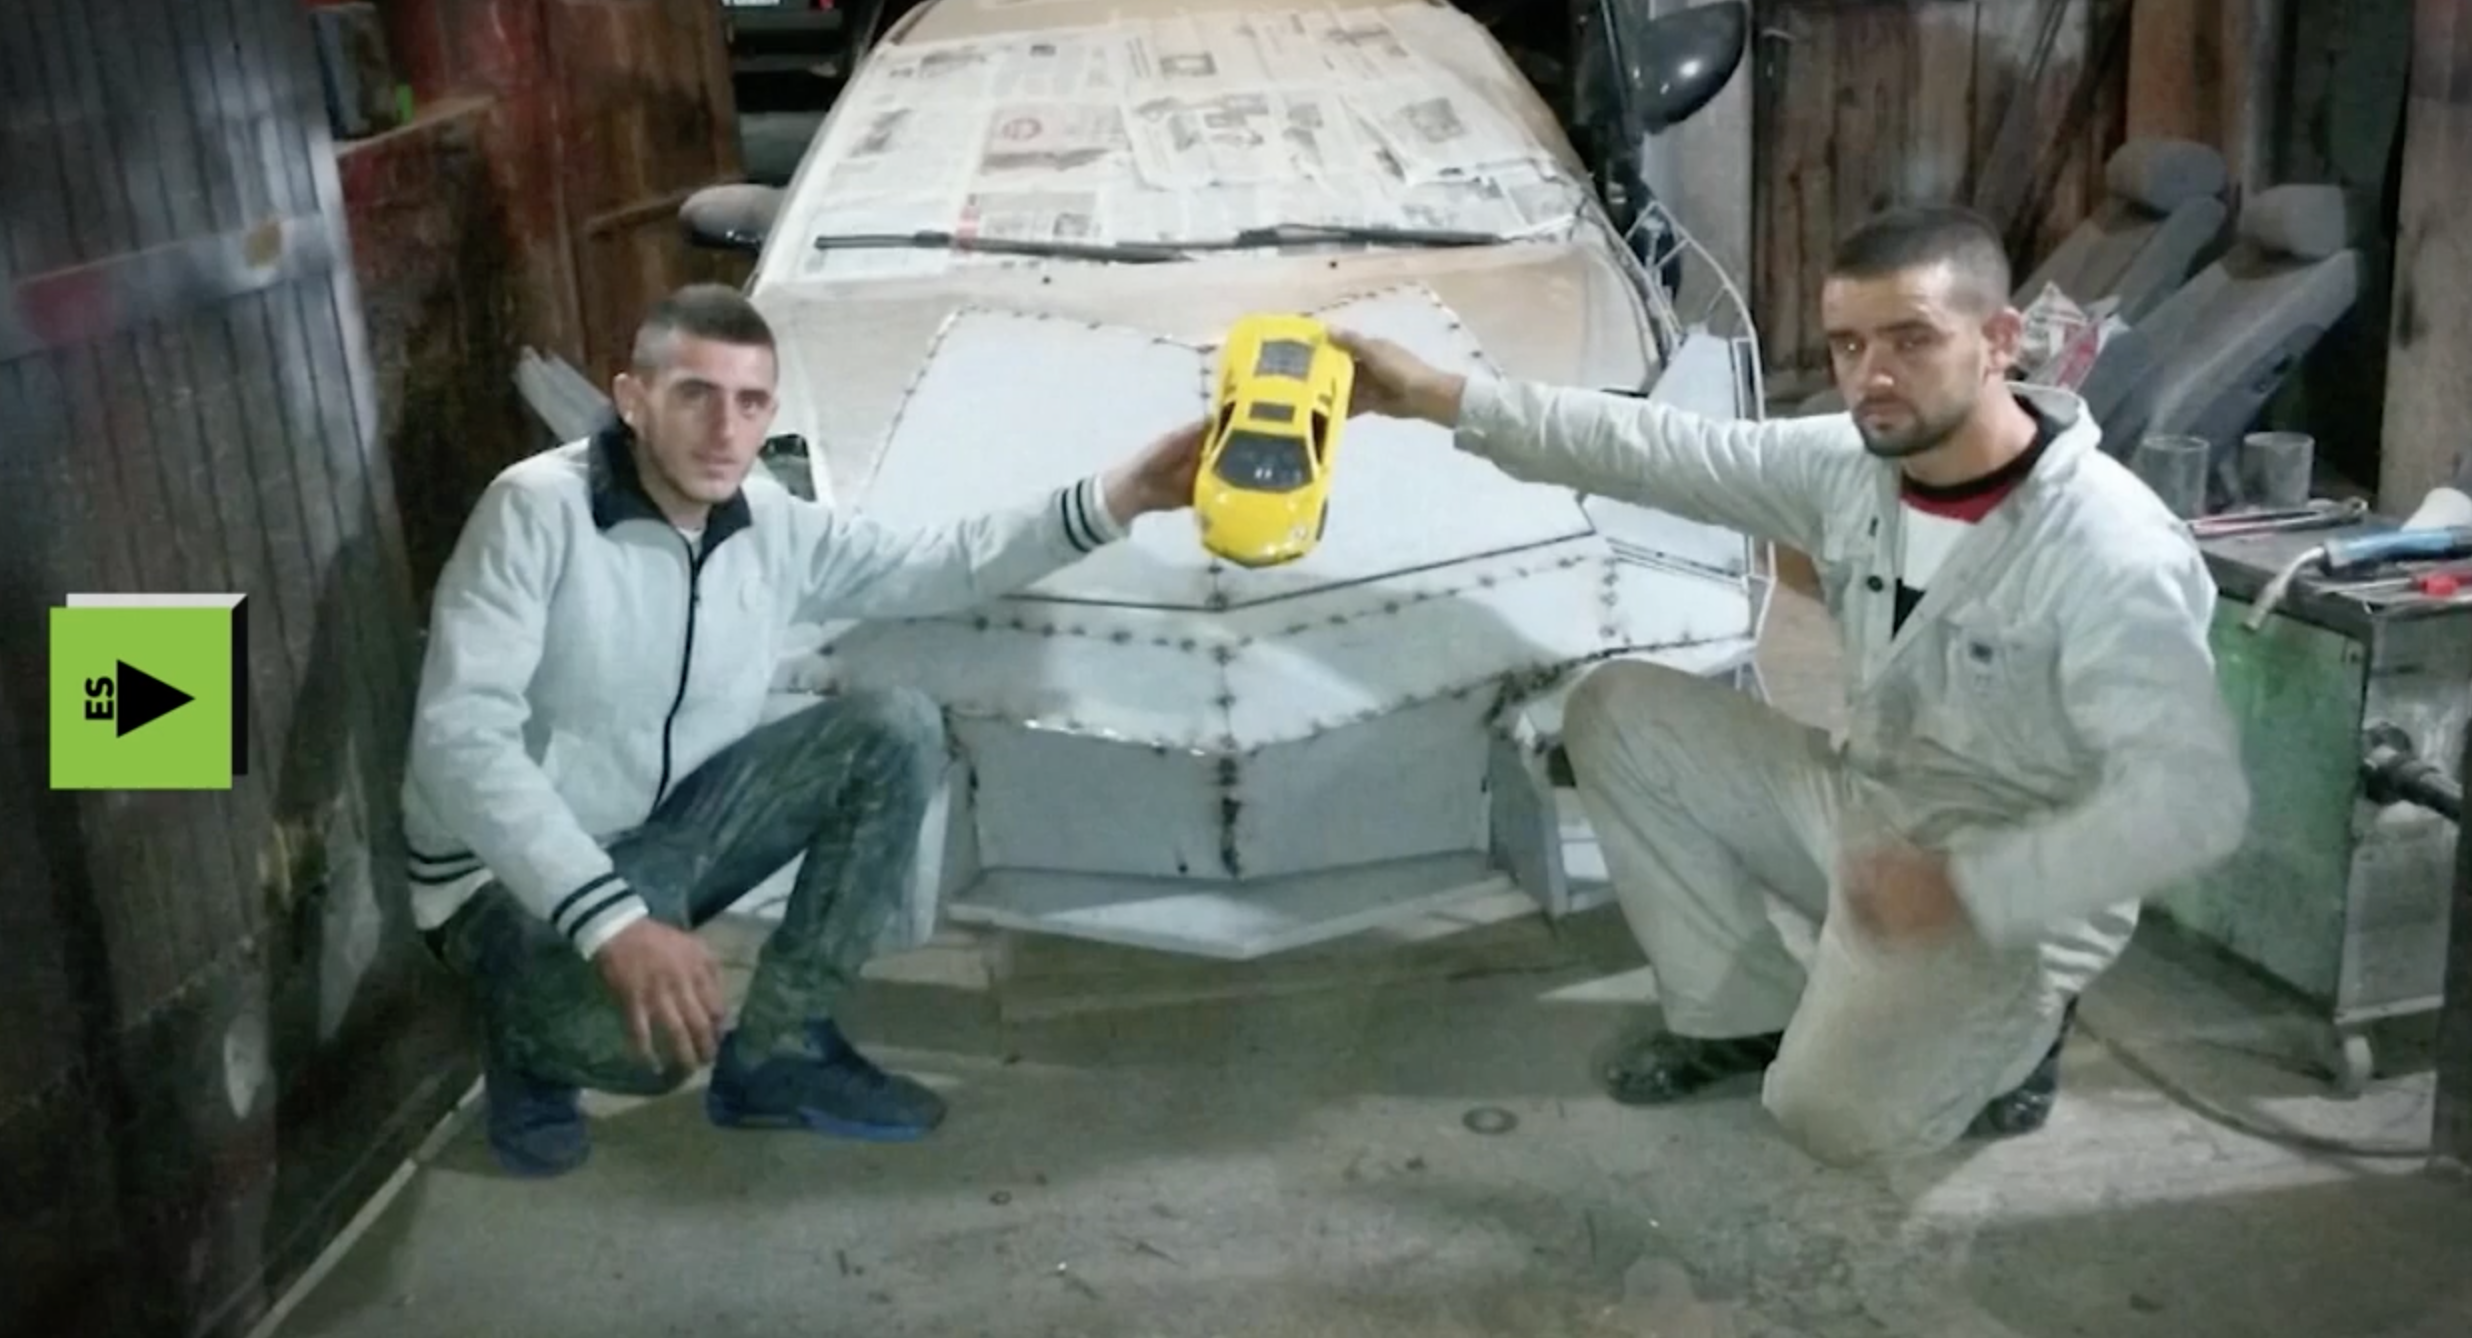 Este hombre se ha construido un Lamborghini casero. Ya sabemos como hicieron algunos que andan por ahí enseñando sus Lamborghinis en Instagram